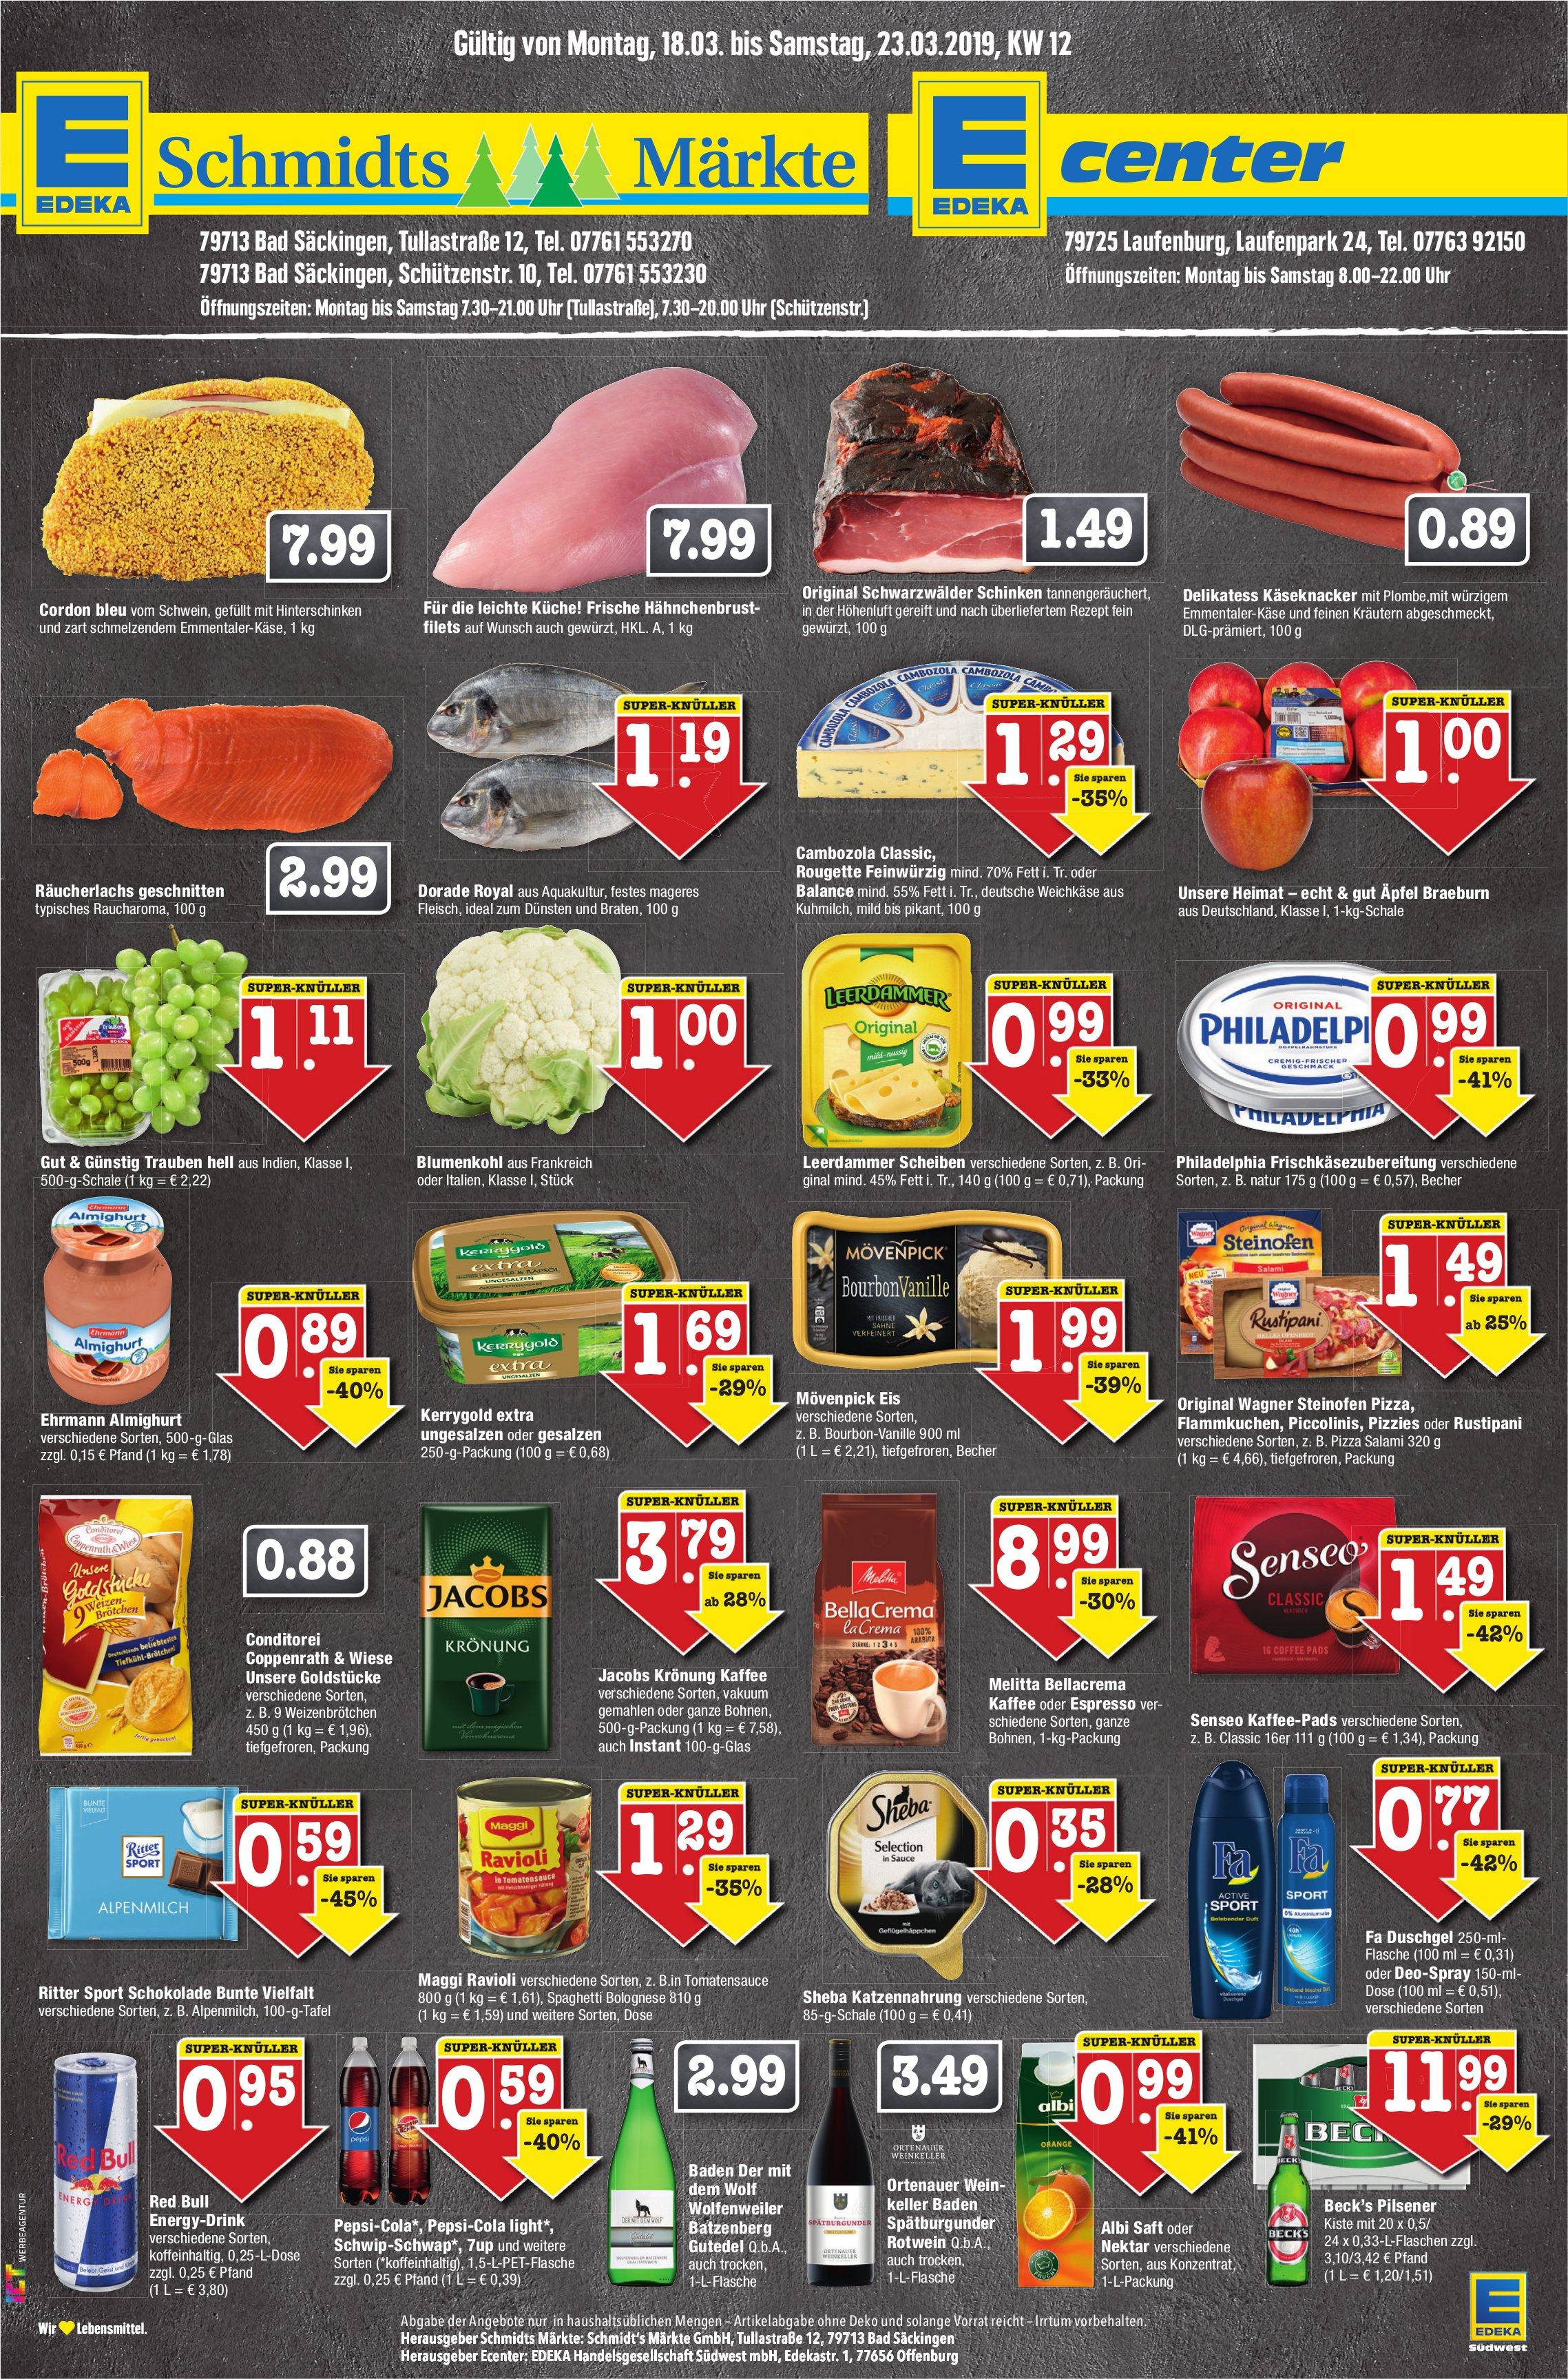 EDEKA Schmidts Märkte / EDEKA  Center - Angebote vom 18. bis 23. März